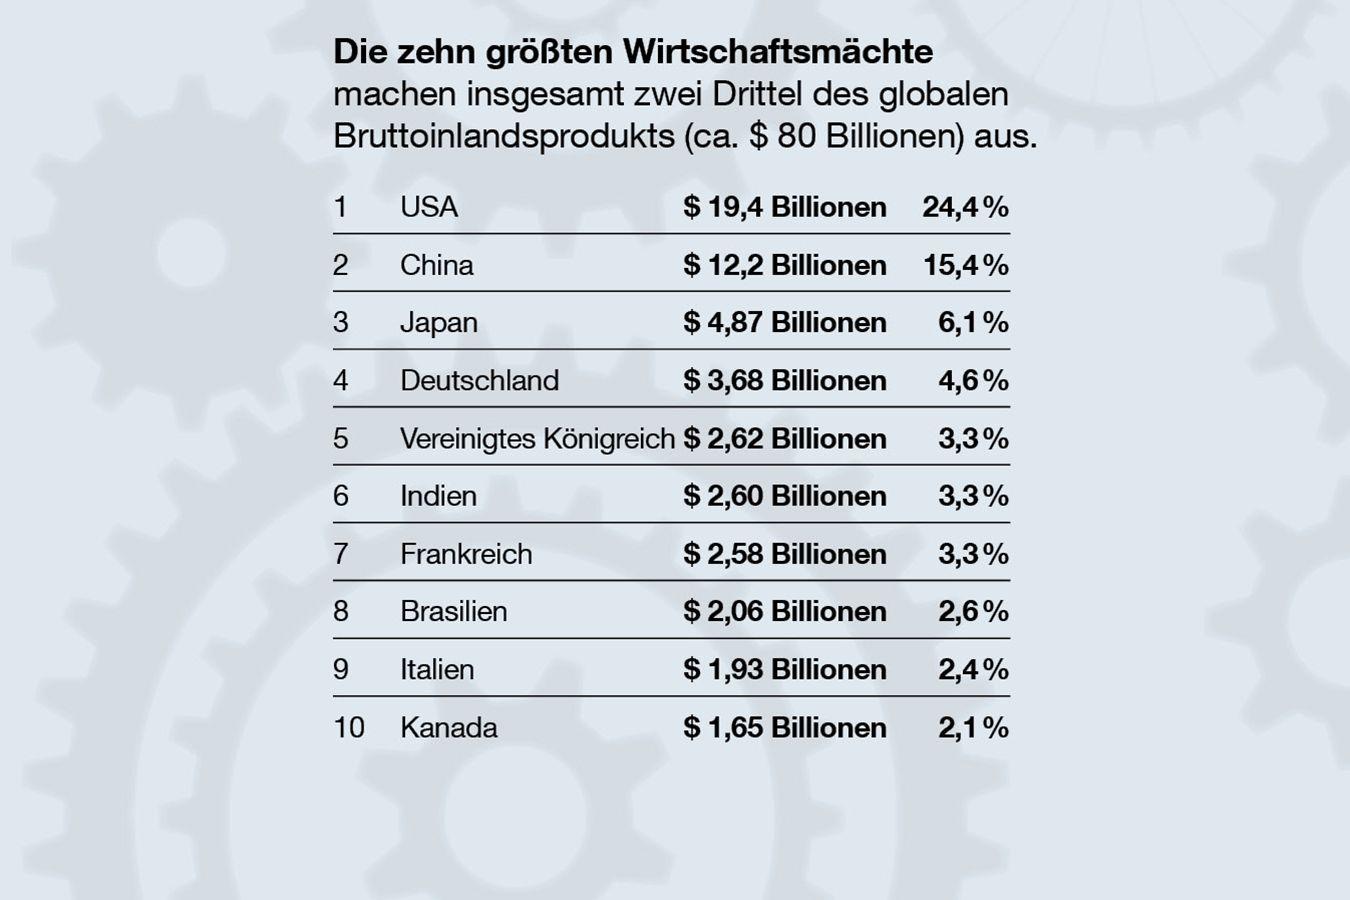 Die zehn größten Wirtschaftsmächte. Quelle: visualcapitalist.com